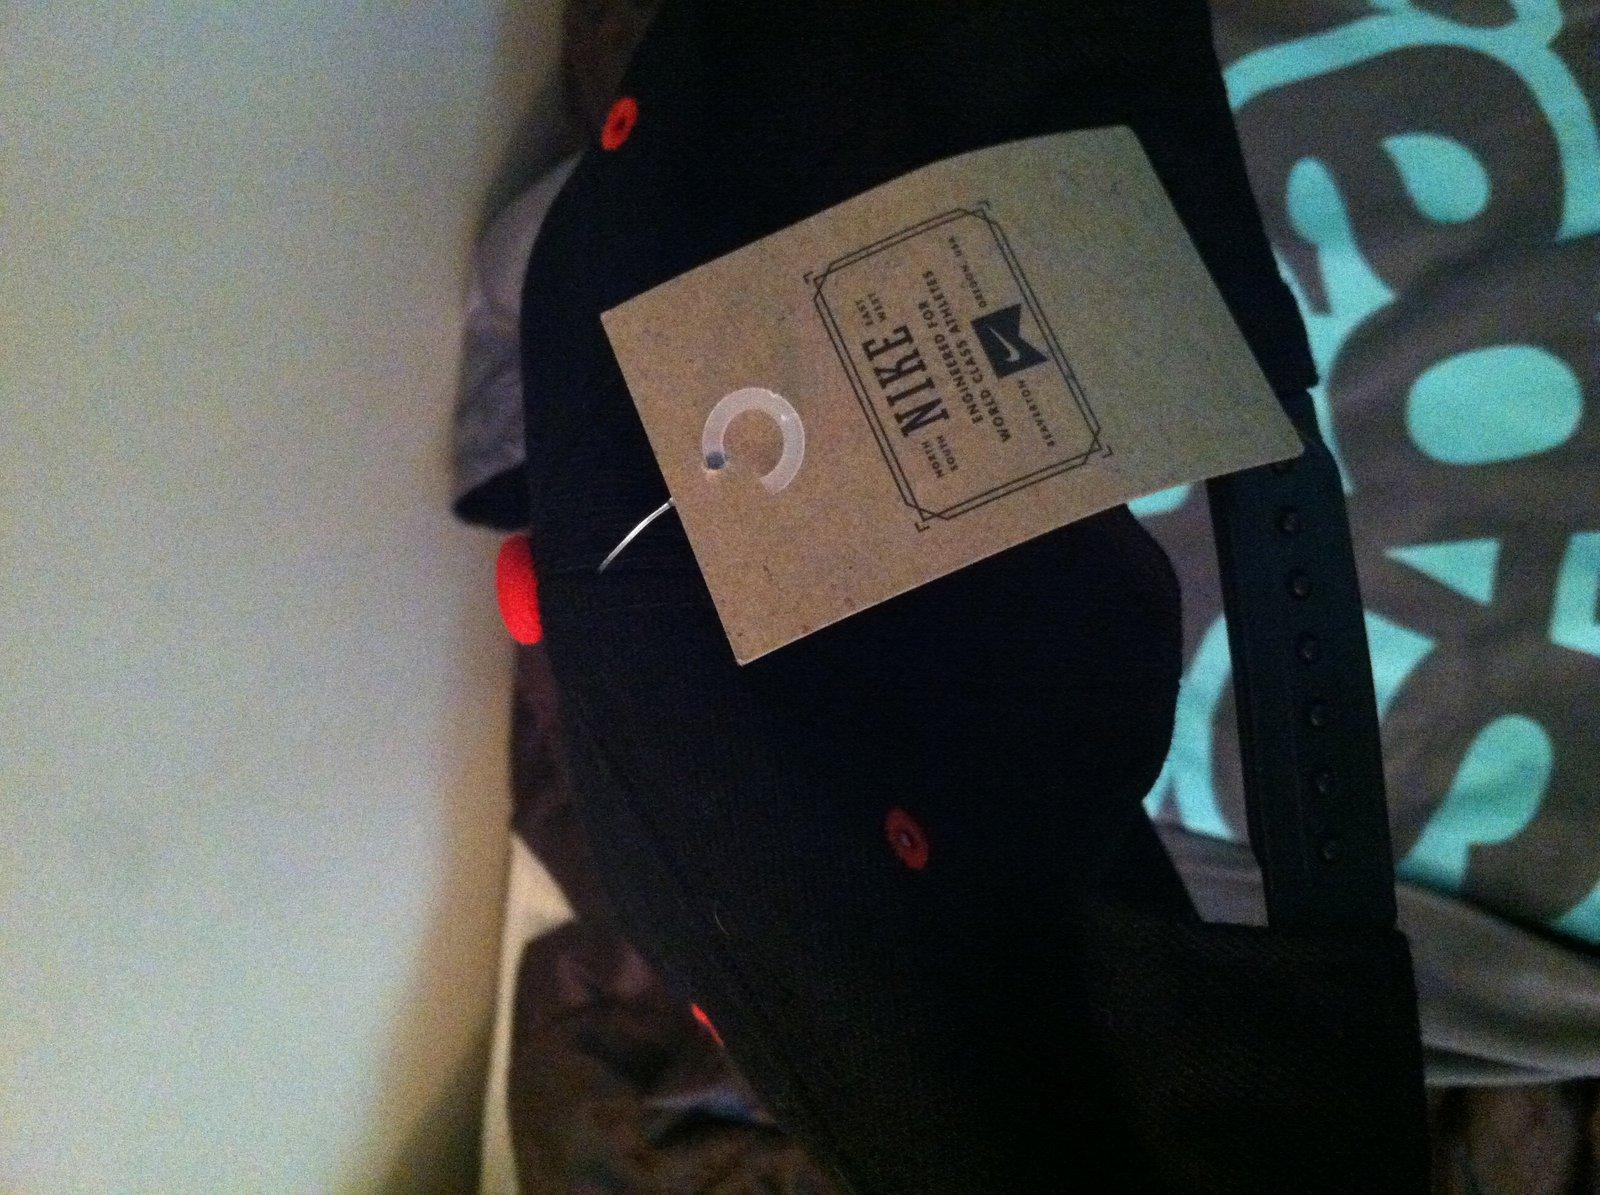 Nike tag